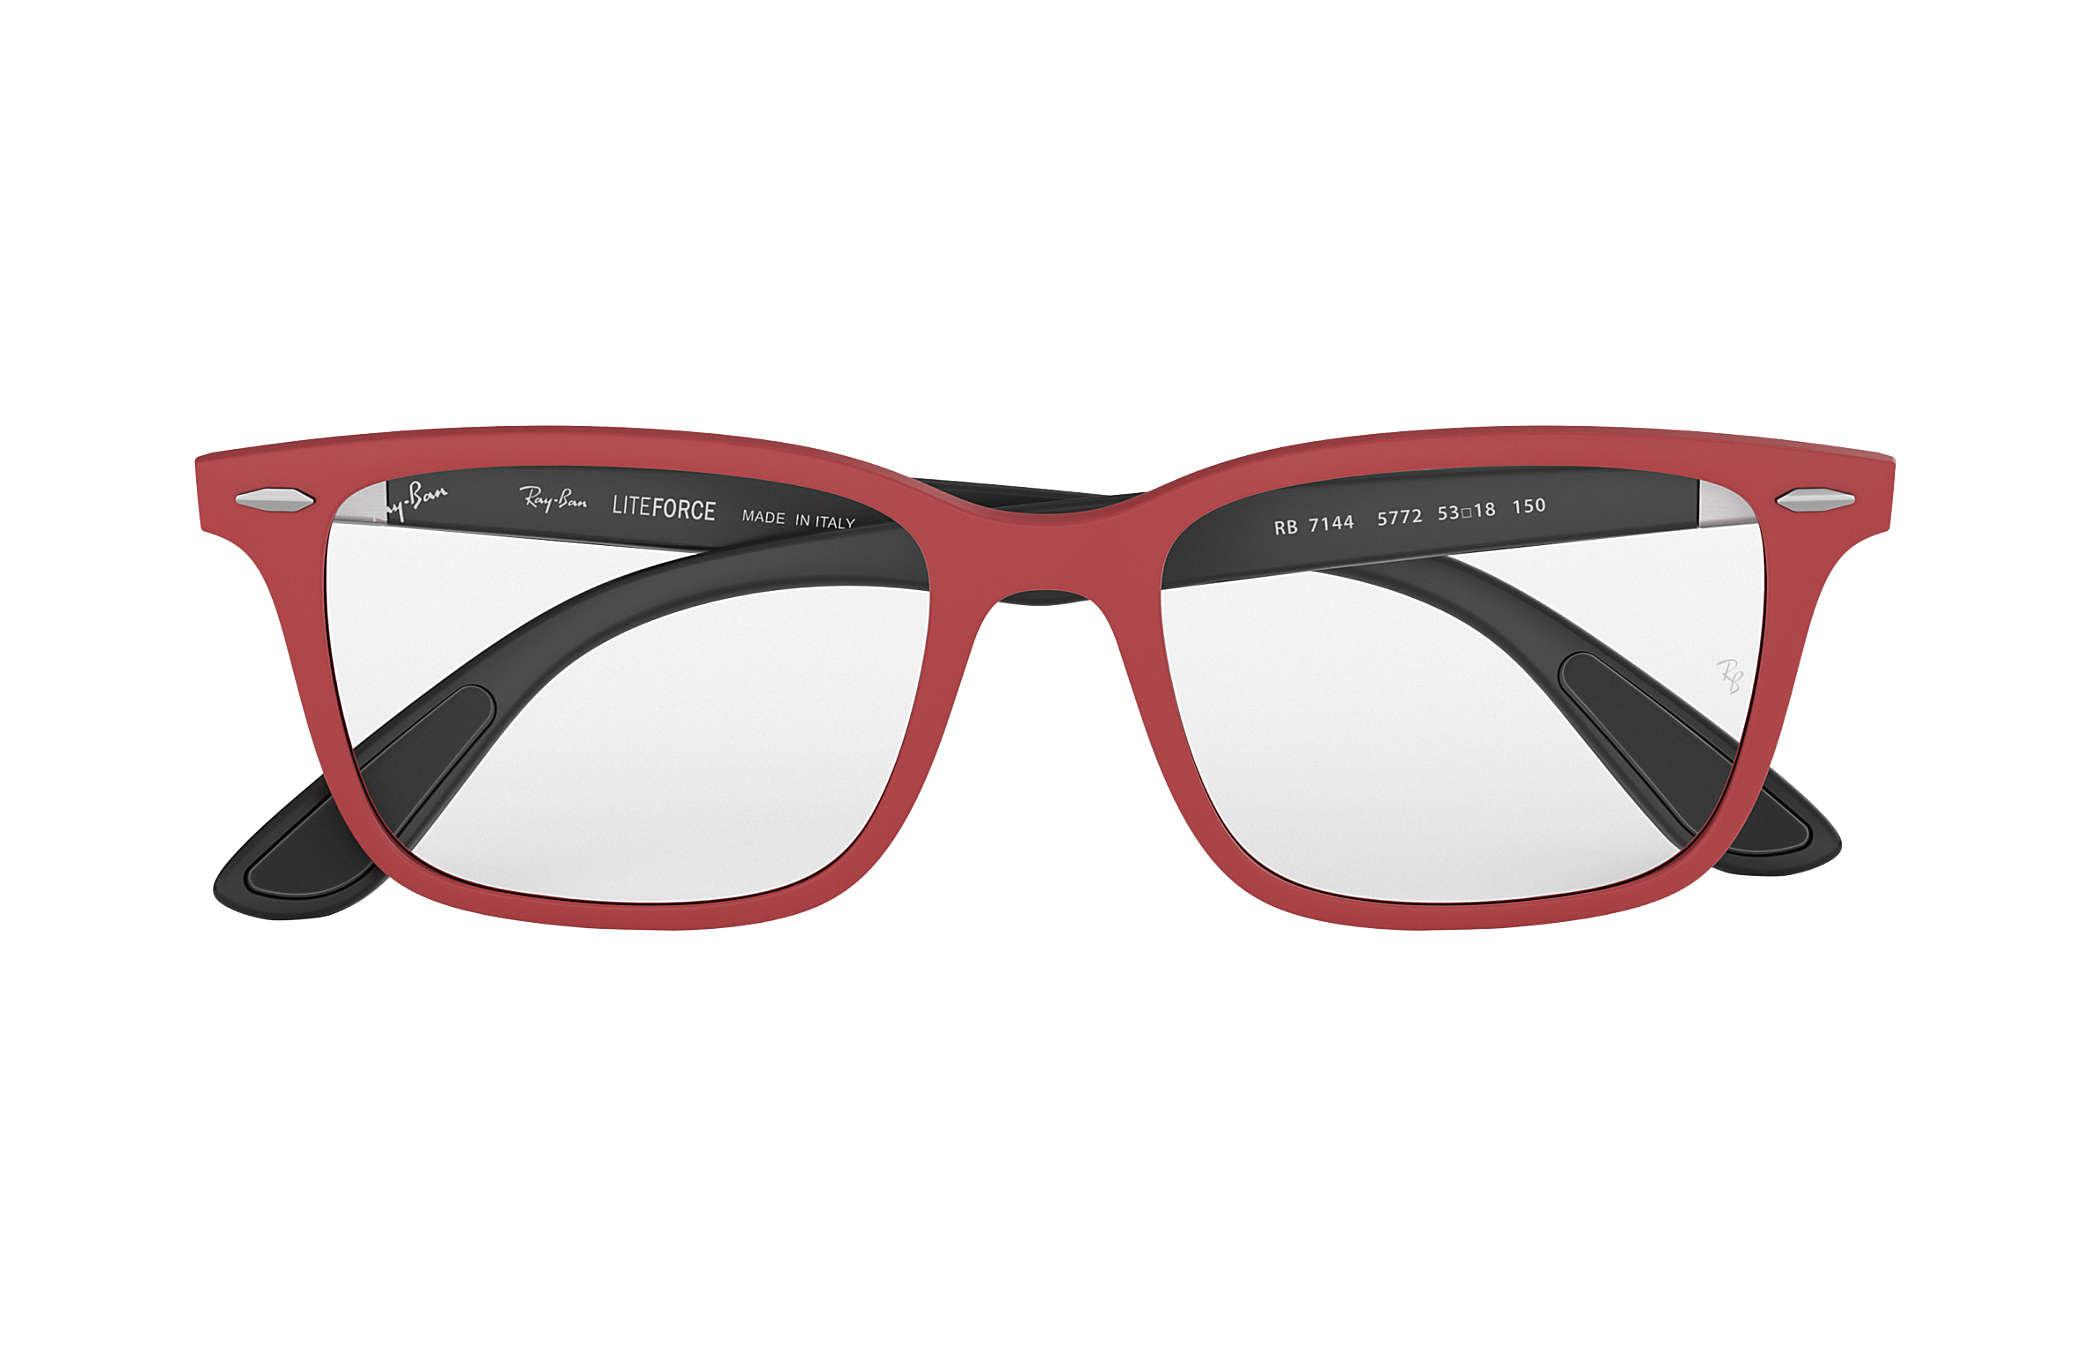 529ef585512 Ray-Ban eyeglasses RB7144 Red - Peek - 0RX7144577253